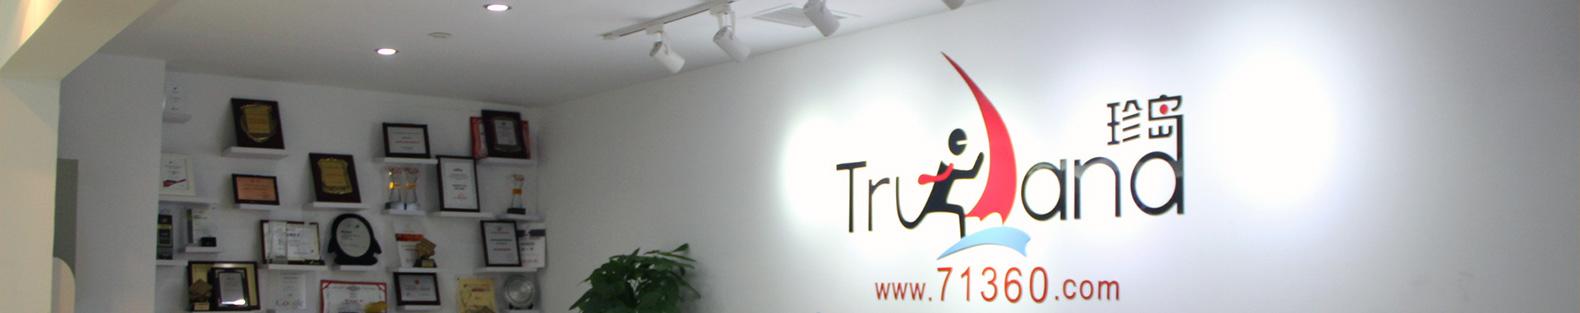 上海專業T-Cloud[上海珍島,珍島海]